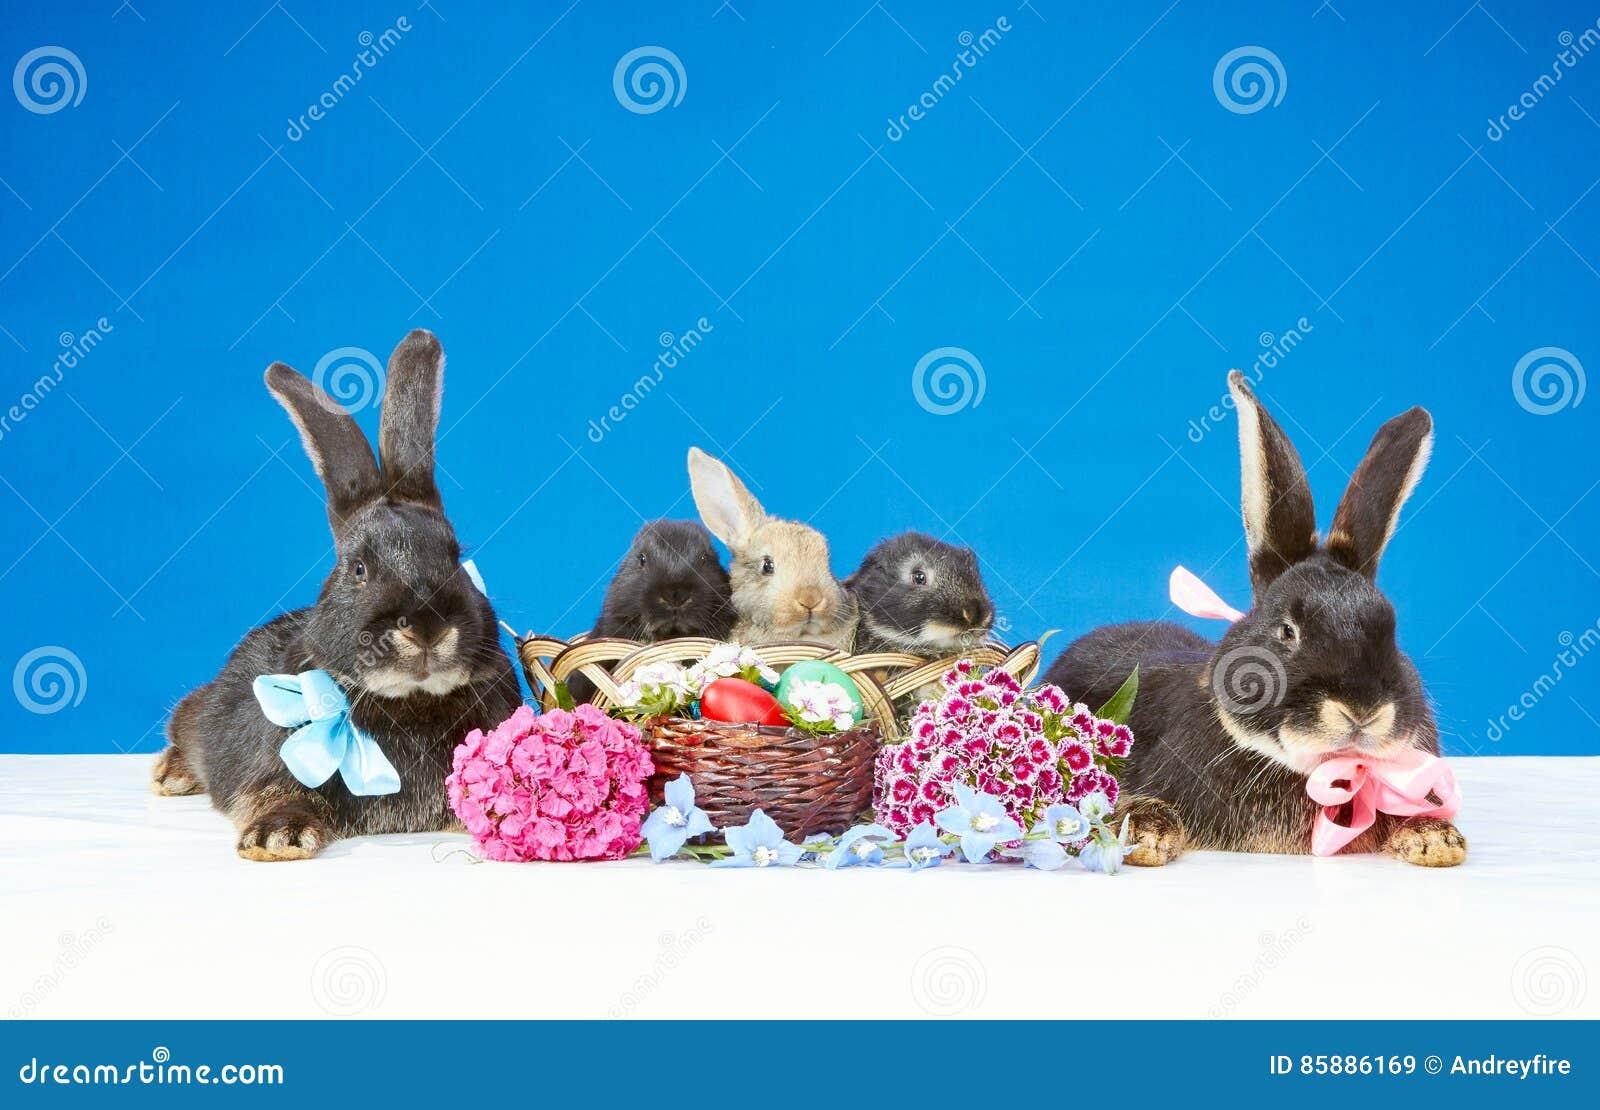 Grandi Conigli Con Gli Archi E Piccoli Conigli In Un Canestro Vicino